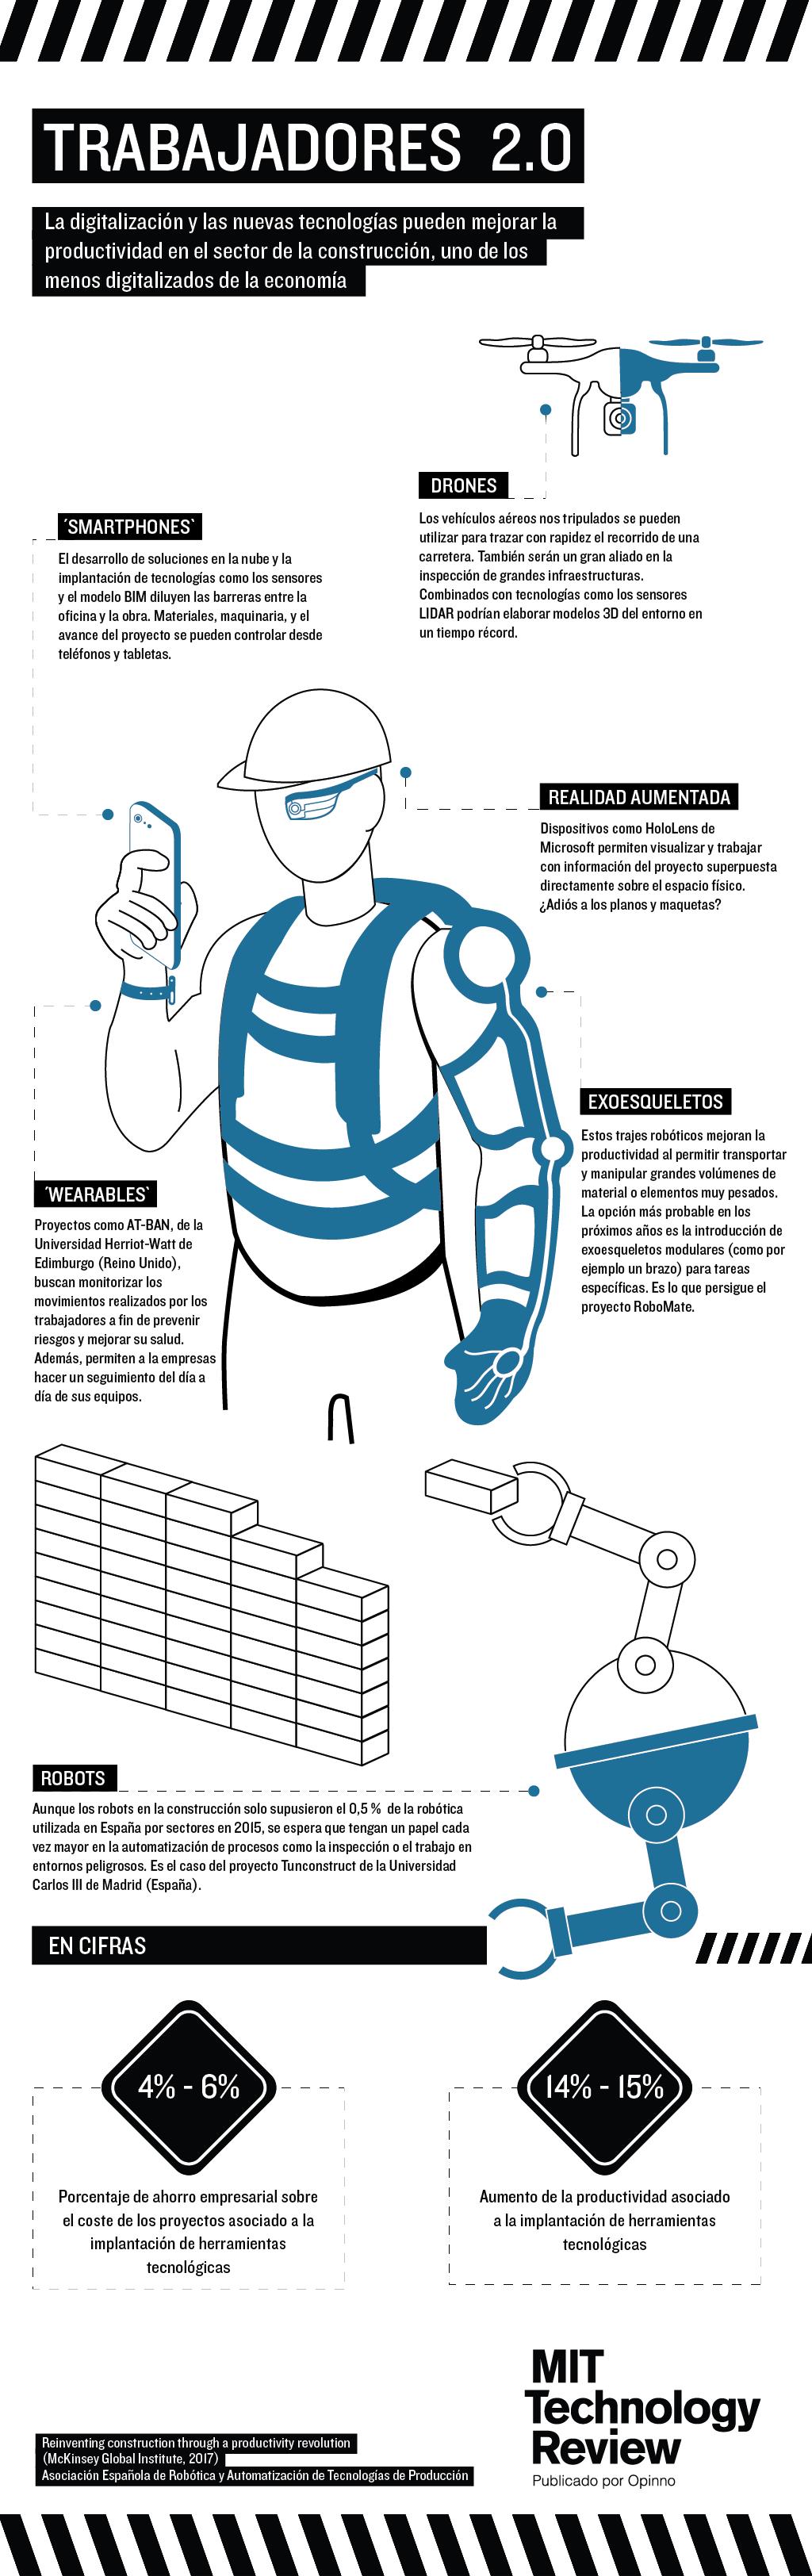 Los trabajadores 2.0 trabajan de forma integrada con drones, smartphones, realidad aumentada y robots